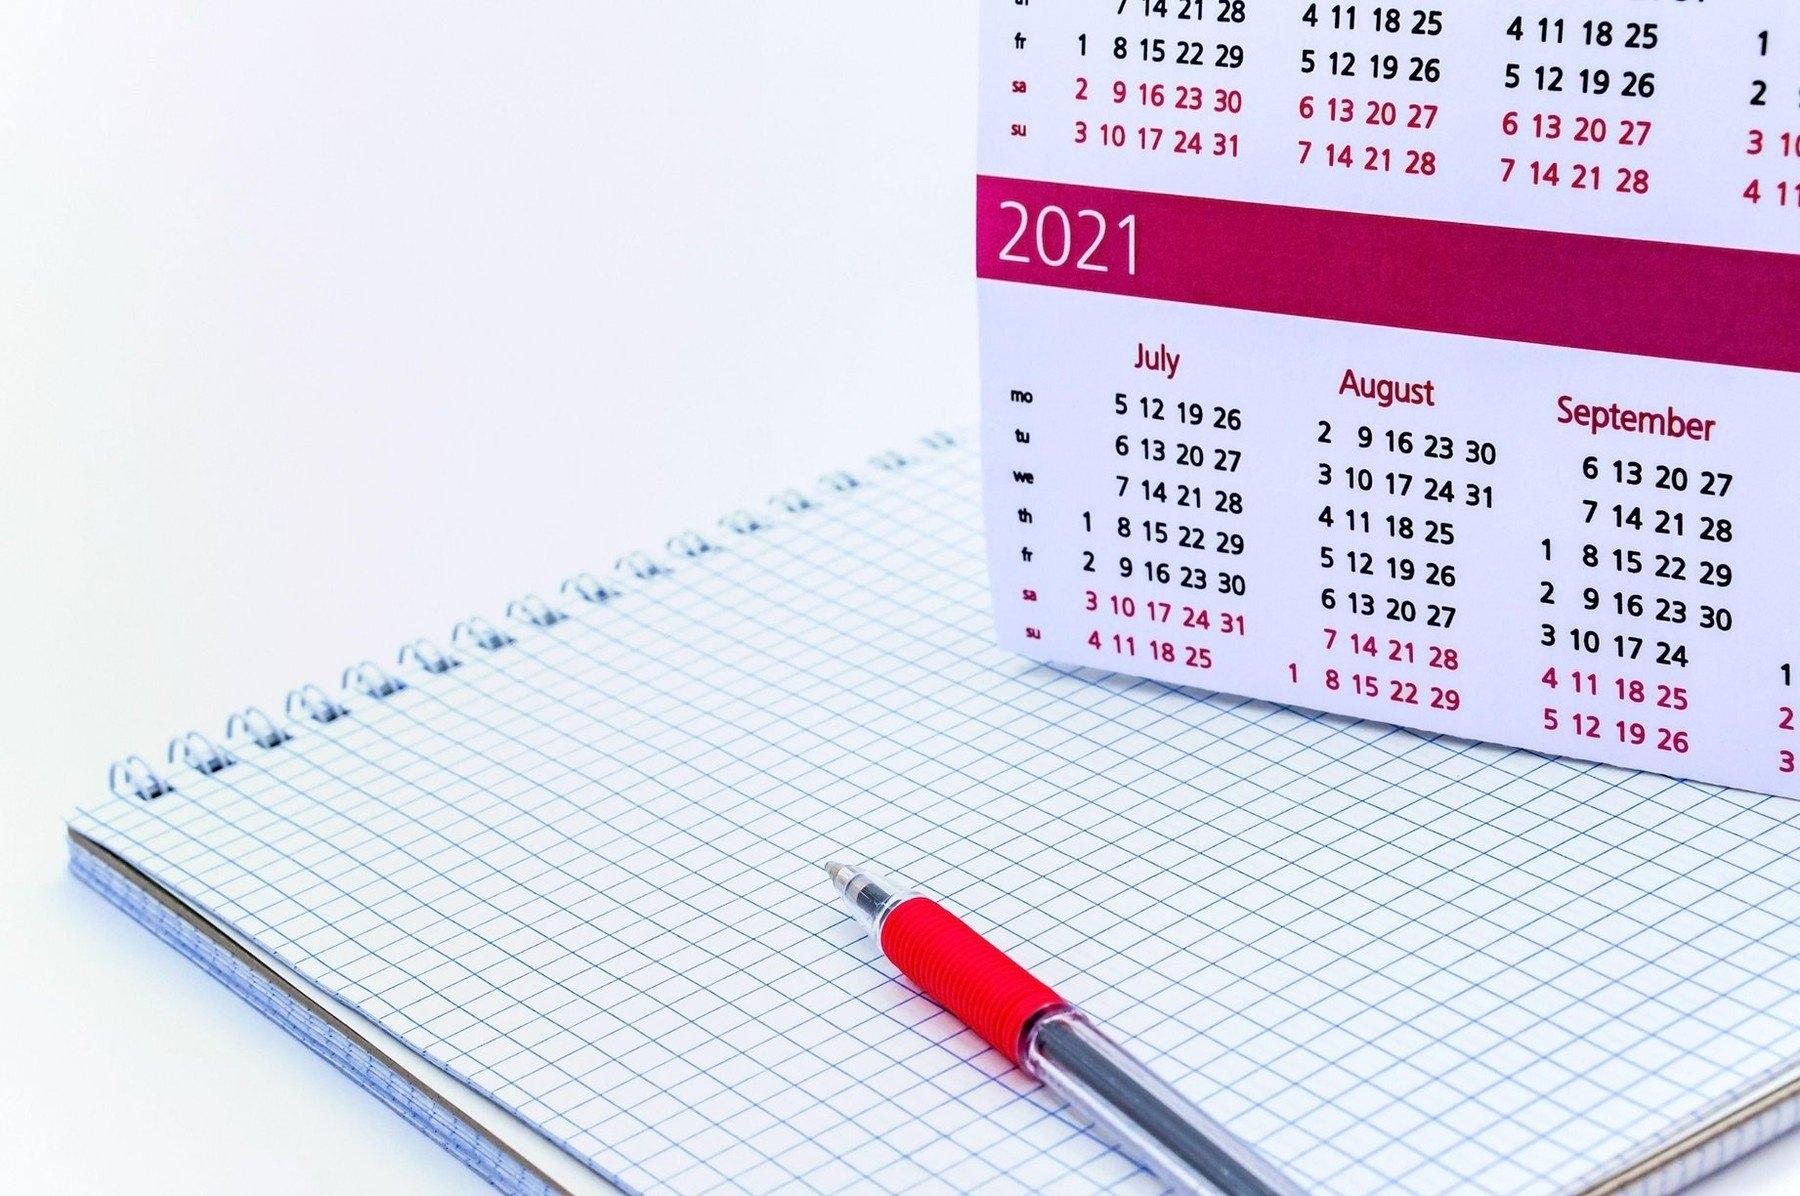 Calendarul Sărbătorilor Legale 2021: De Câte Zile Libere Se Bucură Angajaţii Din România throughout Calendar Zile Lucratoare 2021 Image